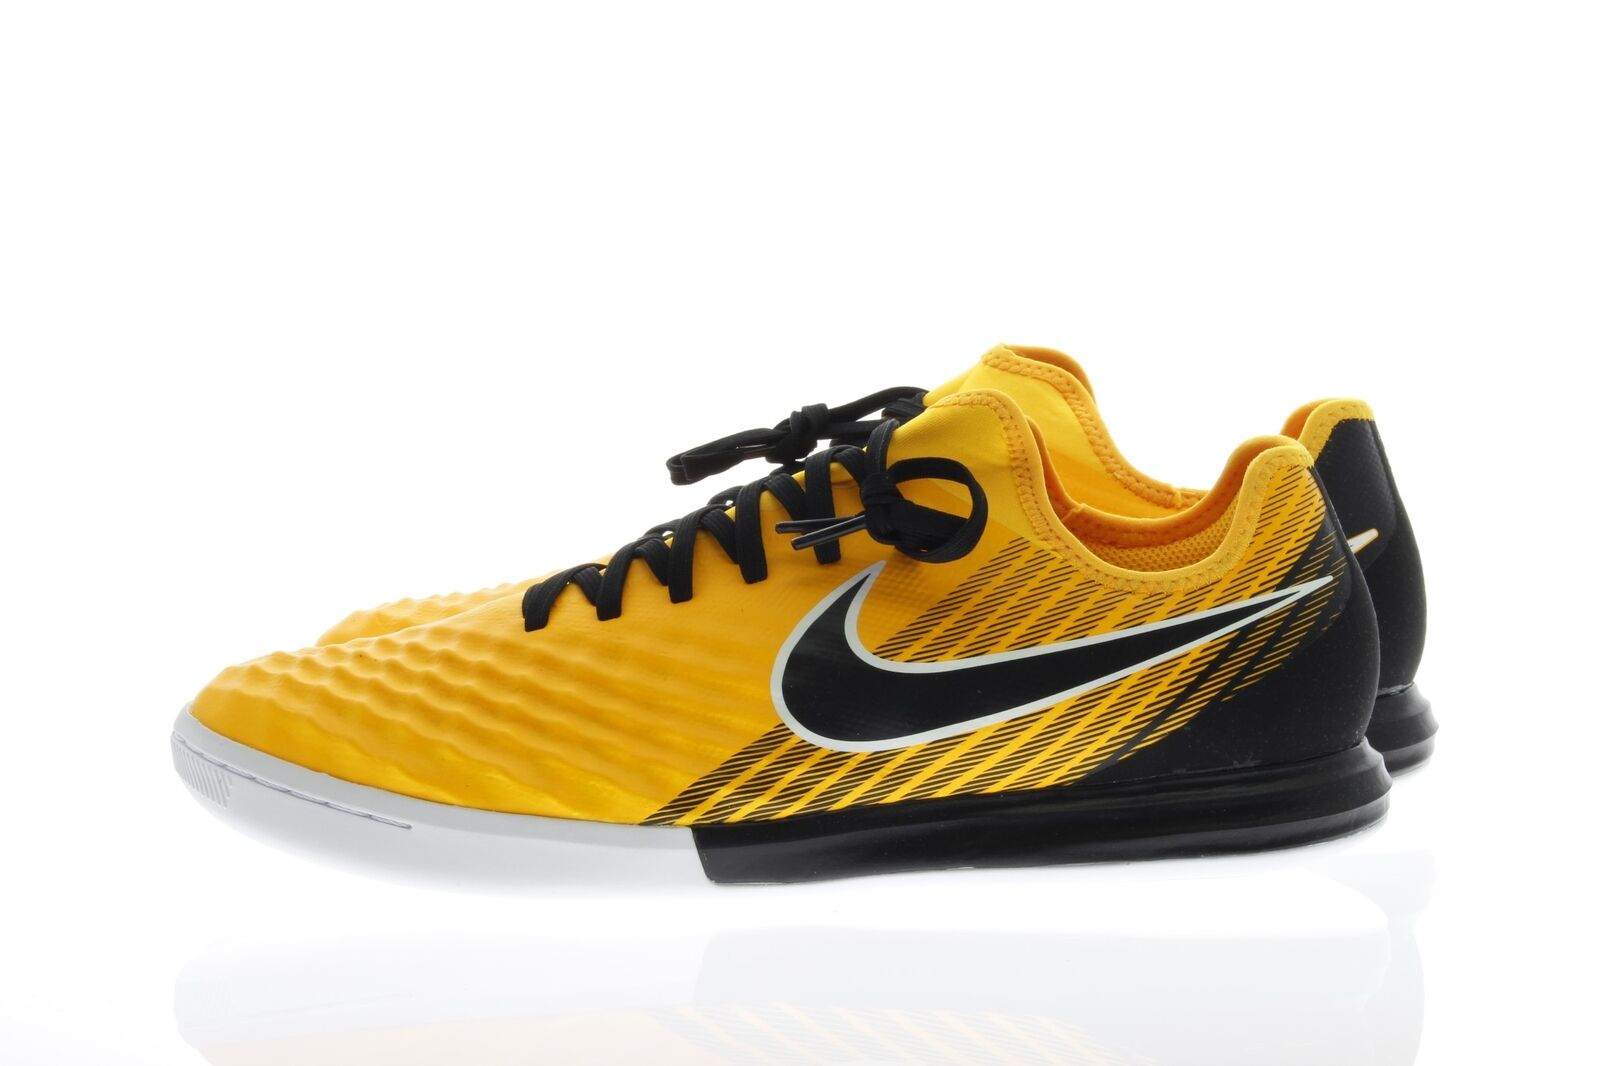 Nike magista magista magista x finale ii ic fußballschuh - laser - orange / weiß / schwarz / volt de9c01